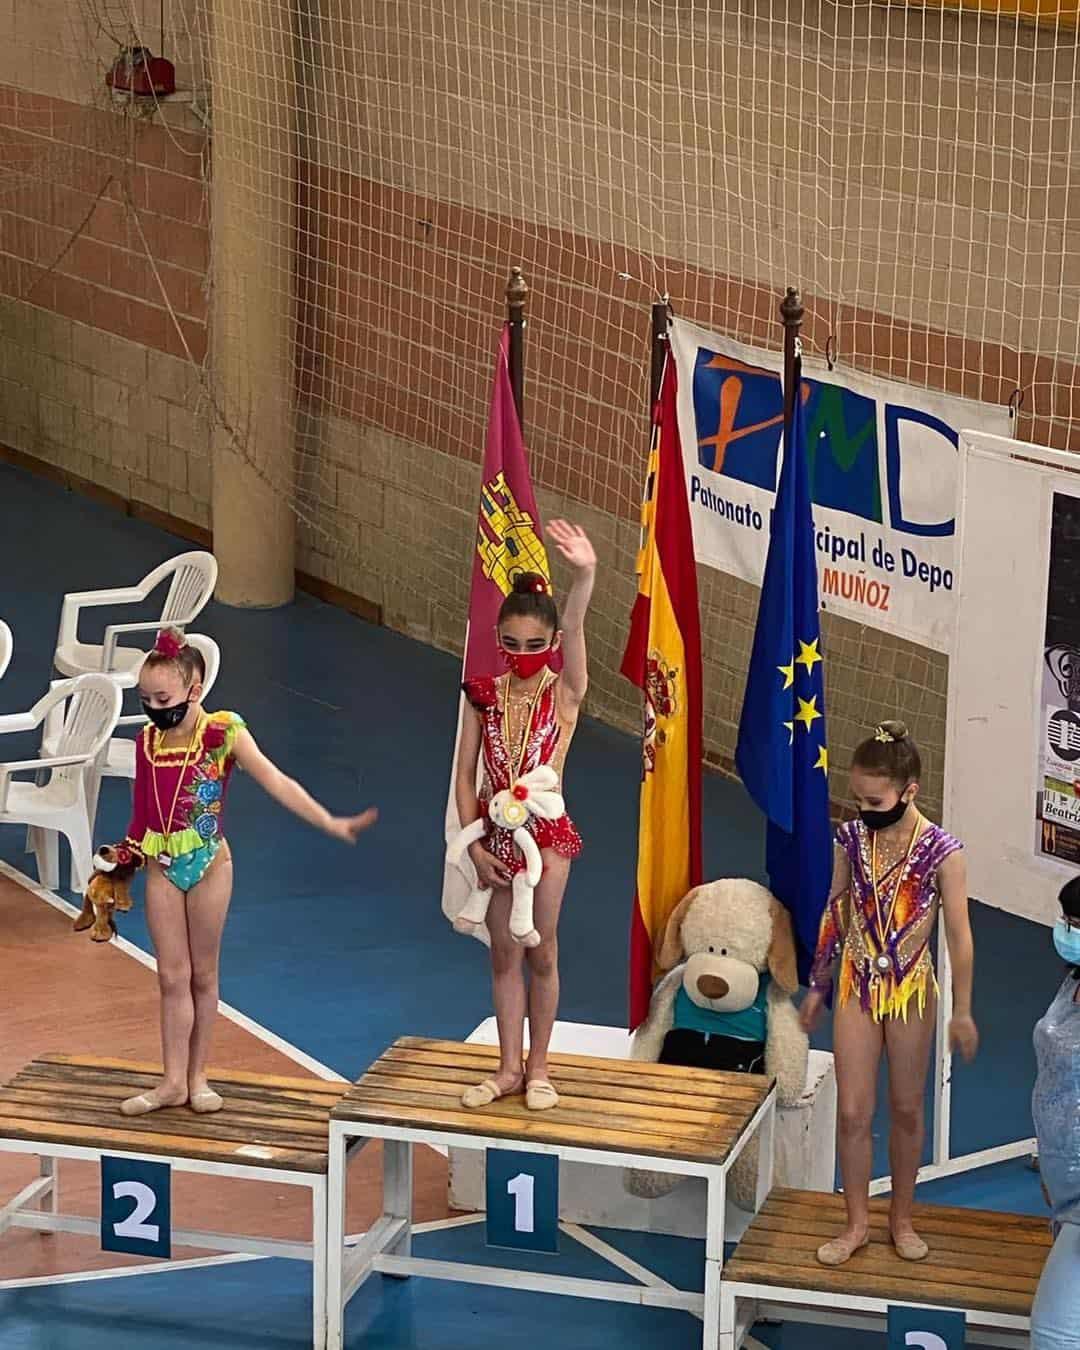 Herencia triunfa en el Campeonato Regional de Gimnasia Rítmica en Pedro Muñoz 6